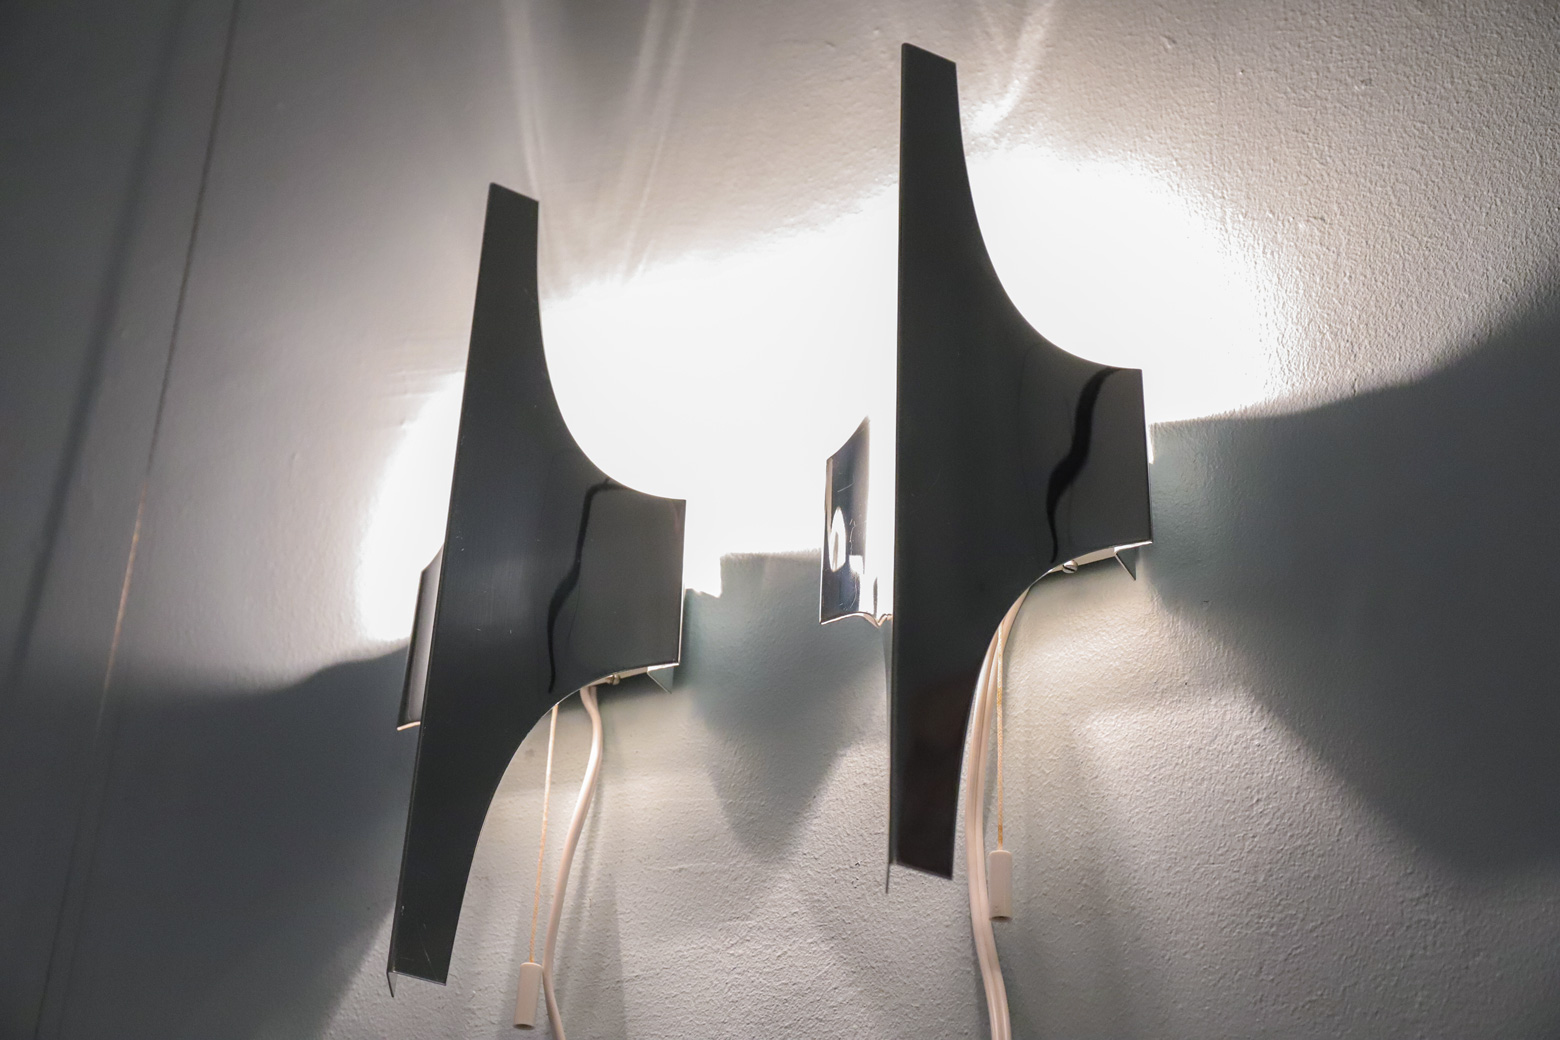 Doria Wall Lamp 1960s/ドリア ドイツ製 ヴィンテージ ウォールランプ 壁掛け 照明